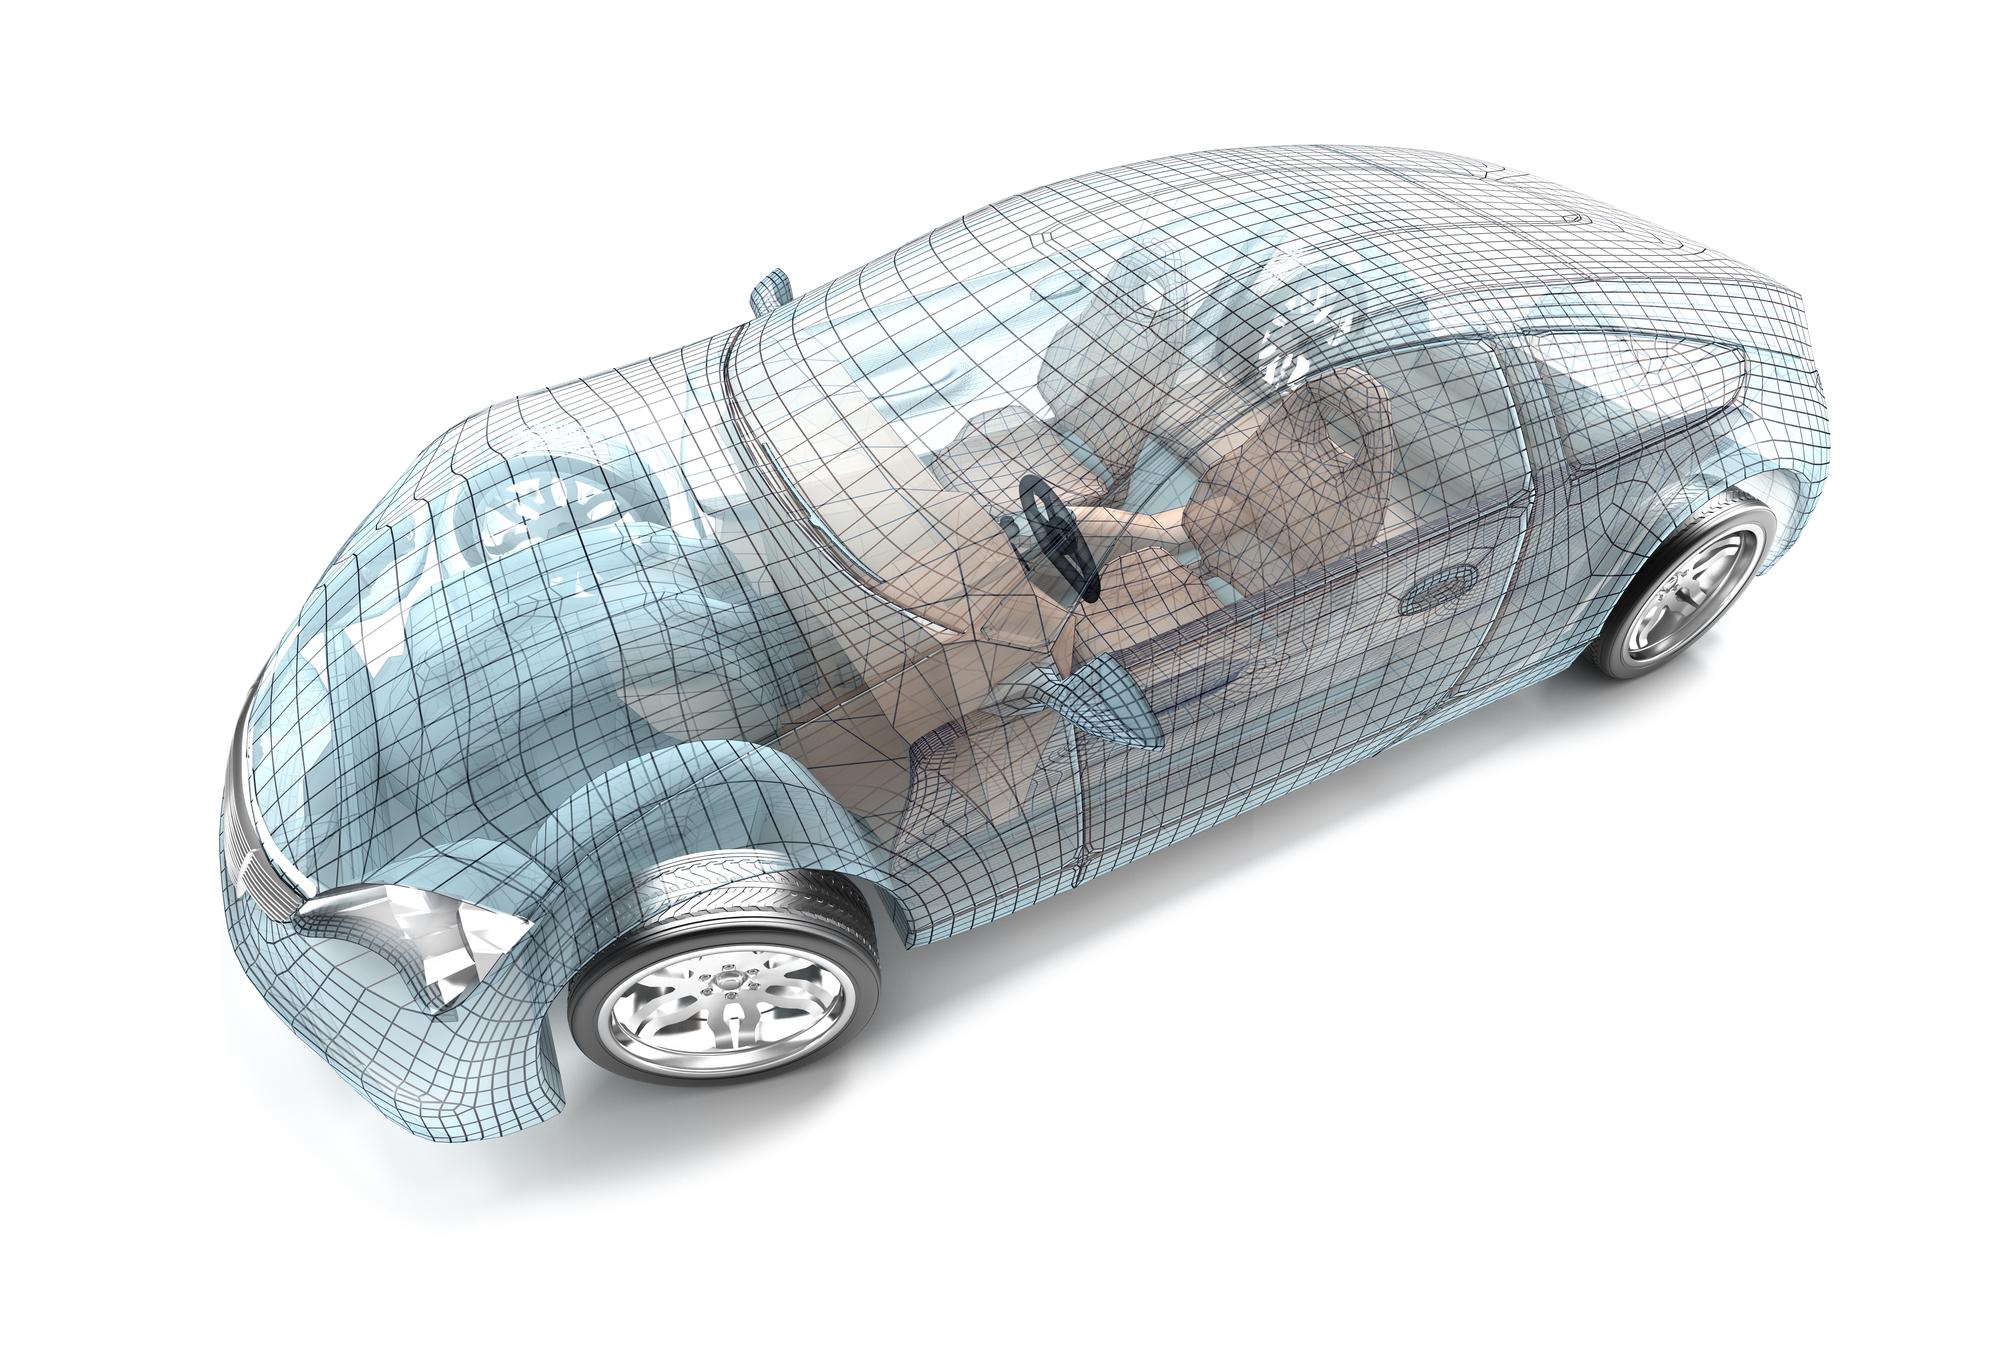 תכנון מכוניות .אילוסטרציה: depositphotos.comהצלחה. אילוסטרציה: depositphotos.com